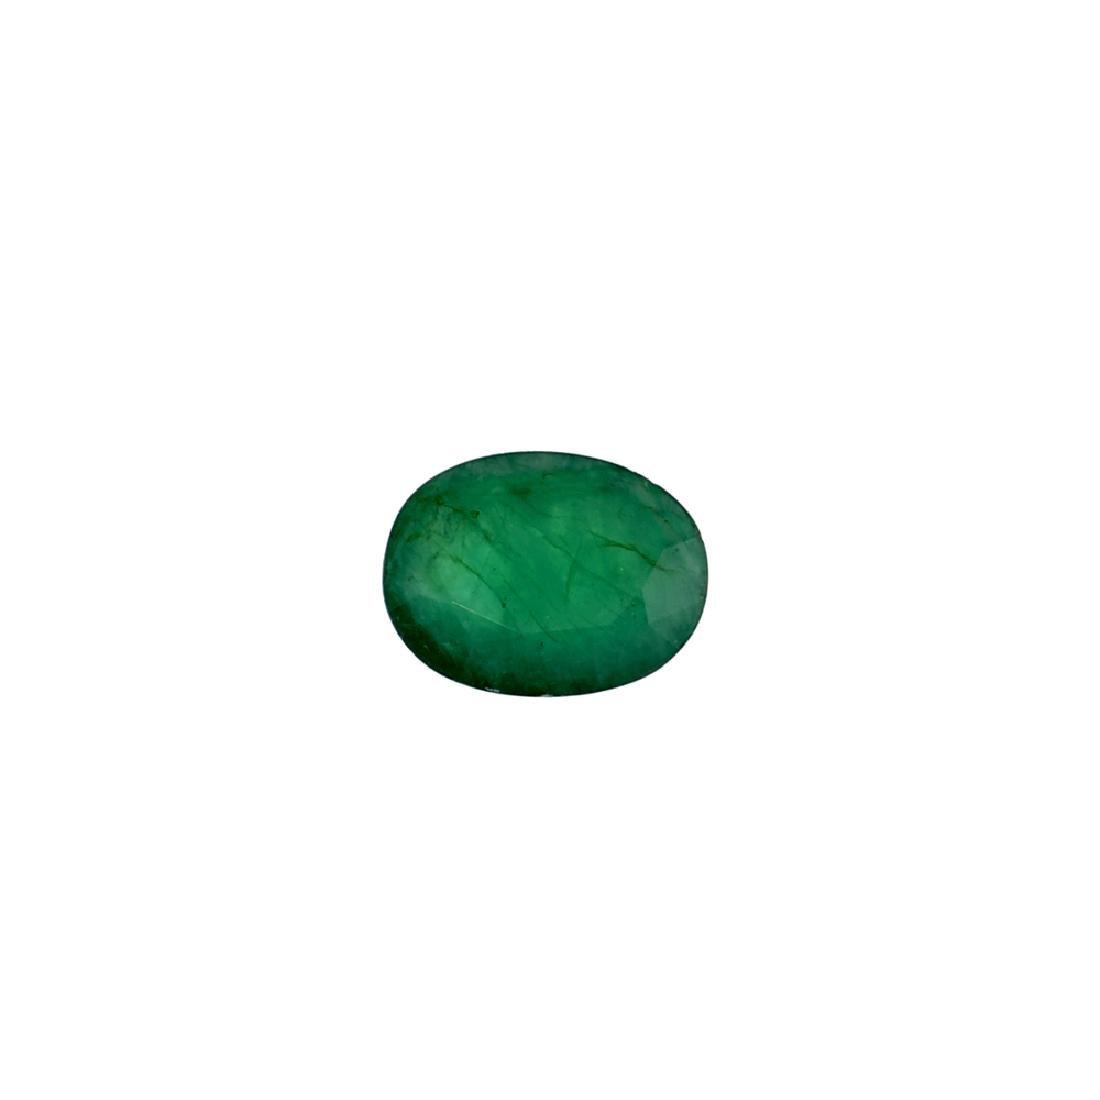 APP: 2.8k 3.72CT Oval Cut Green Emerald Gemstone